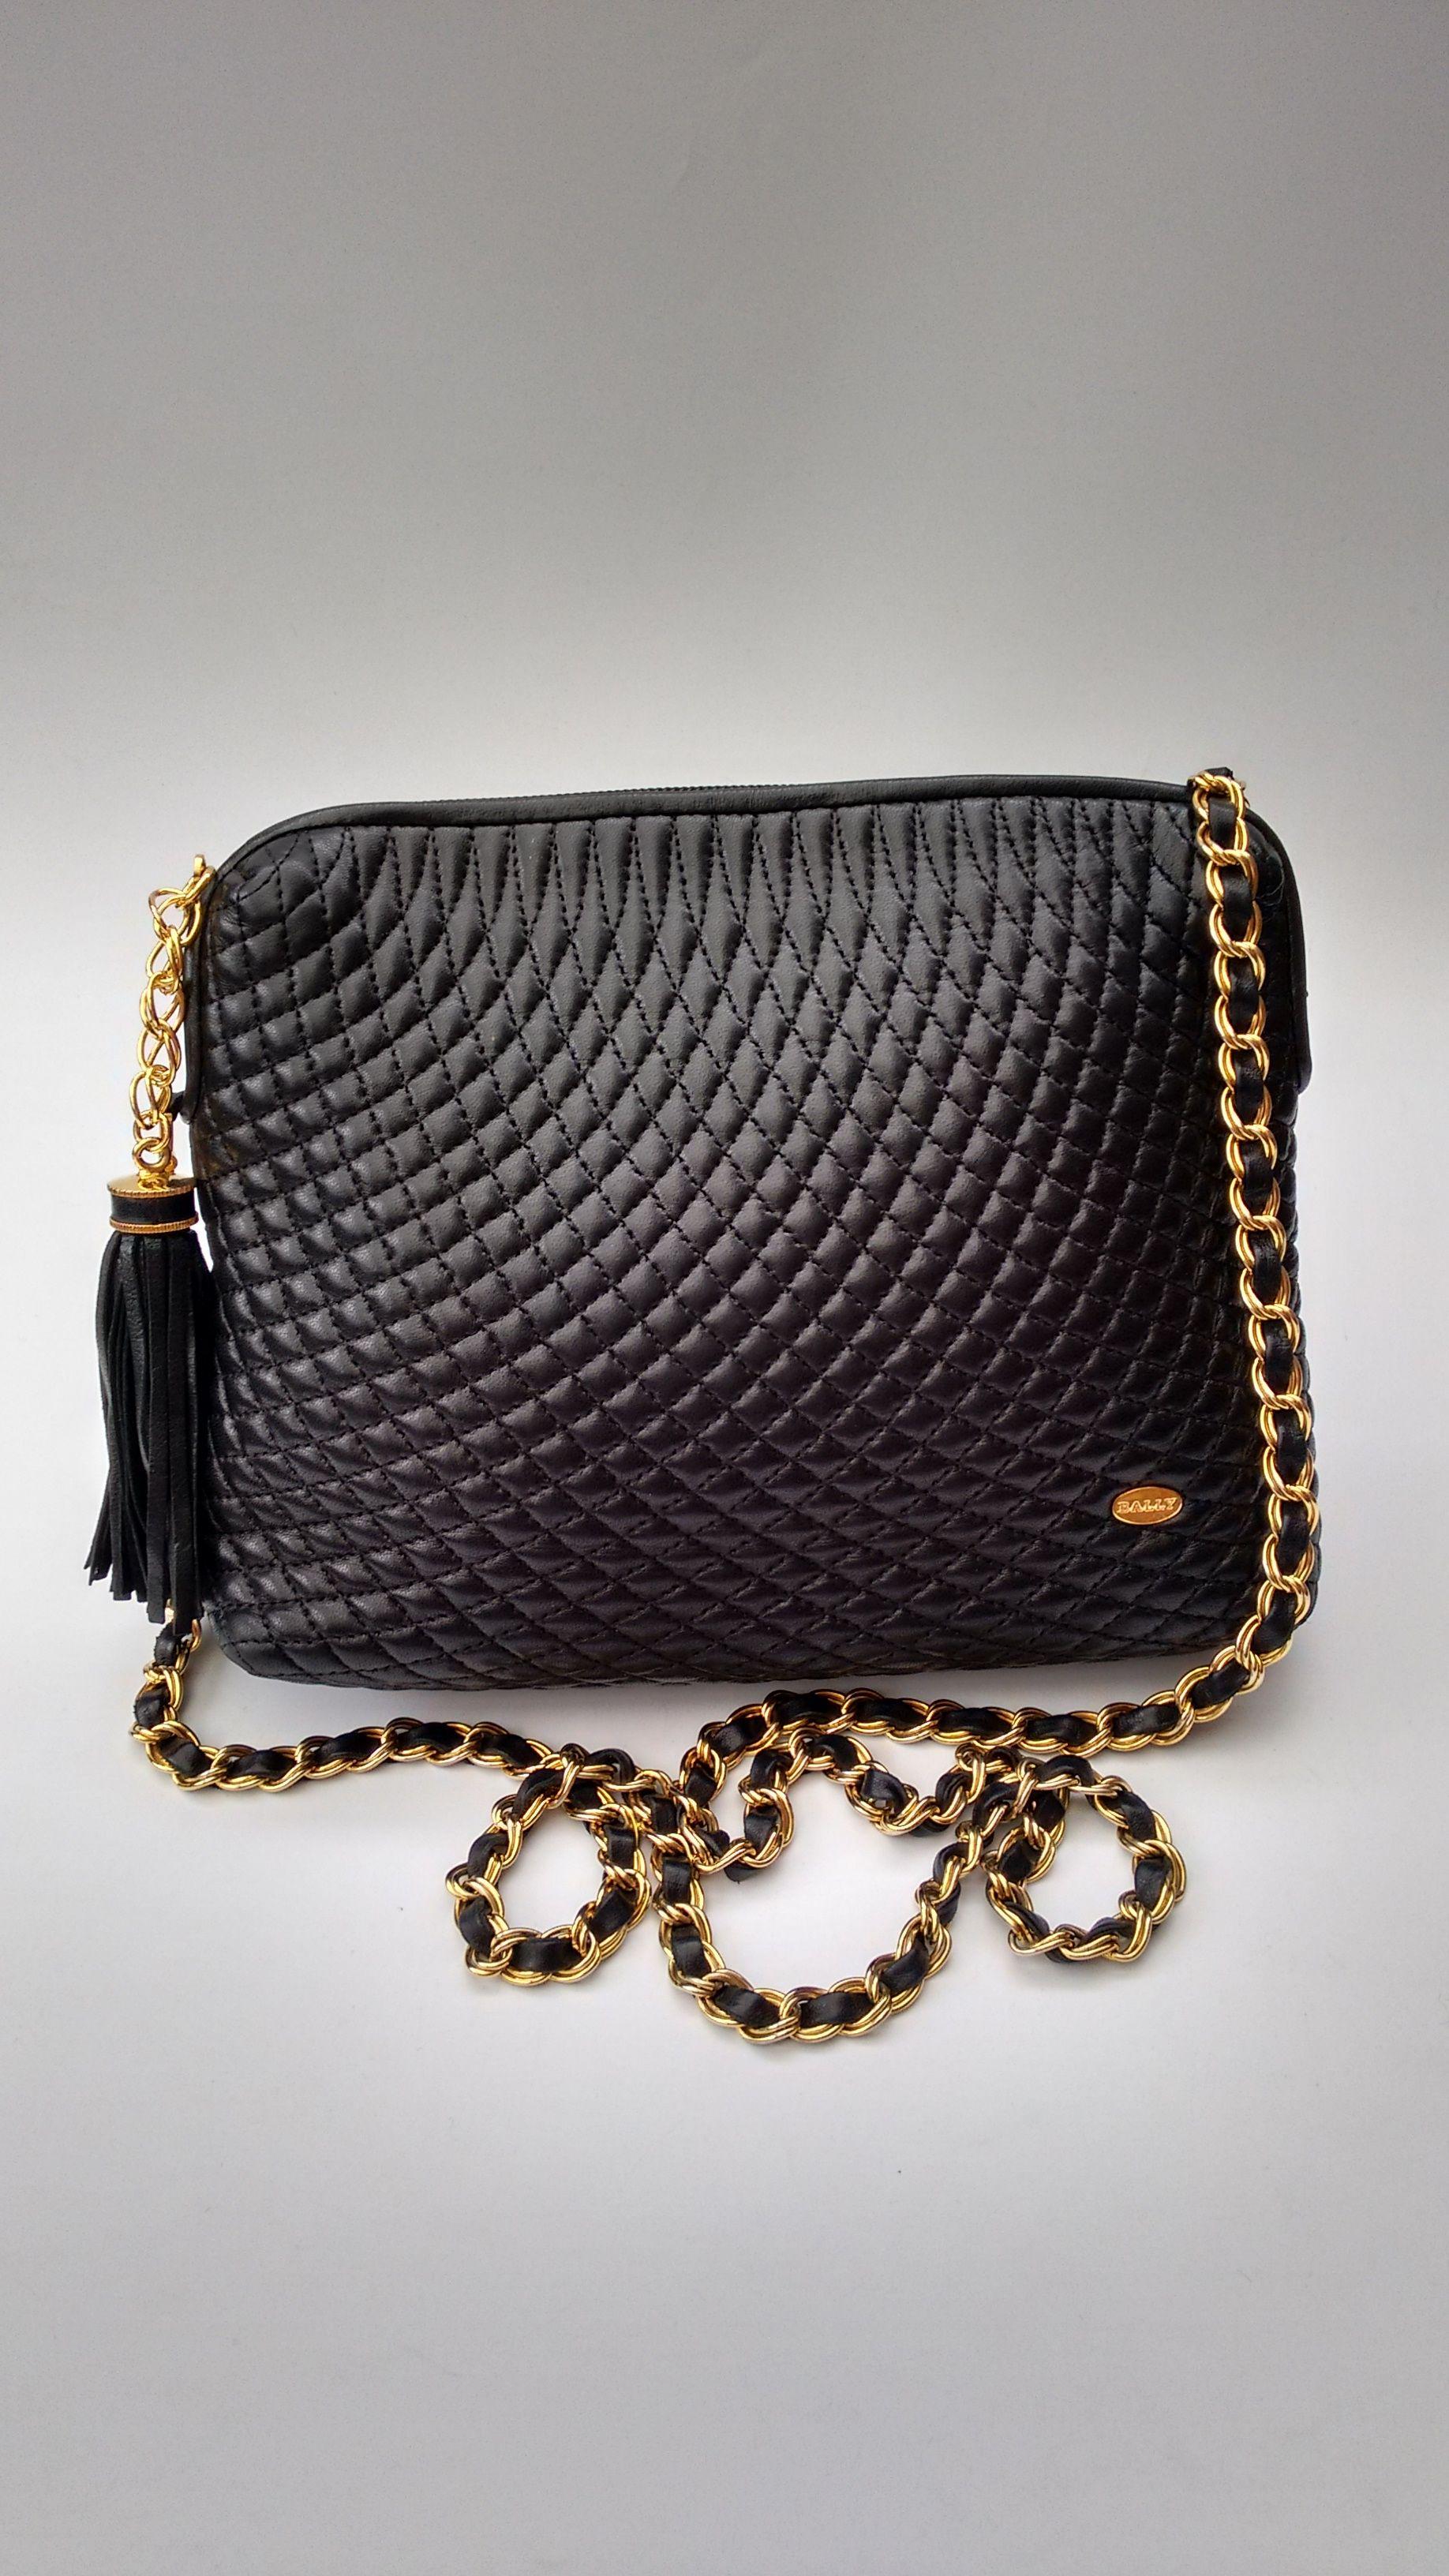 Bally Bag Bally Vintage Black Quilted Leather Shoulder